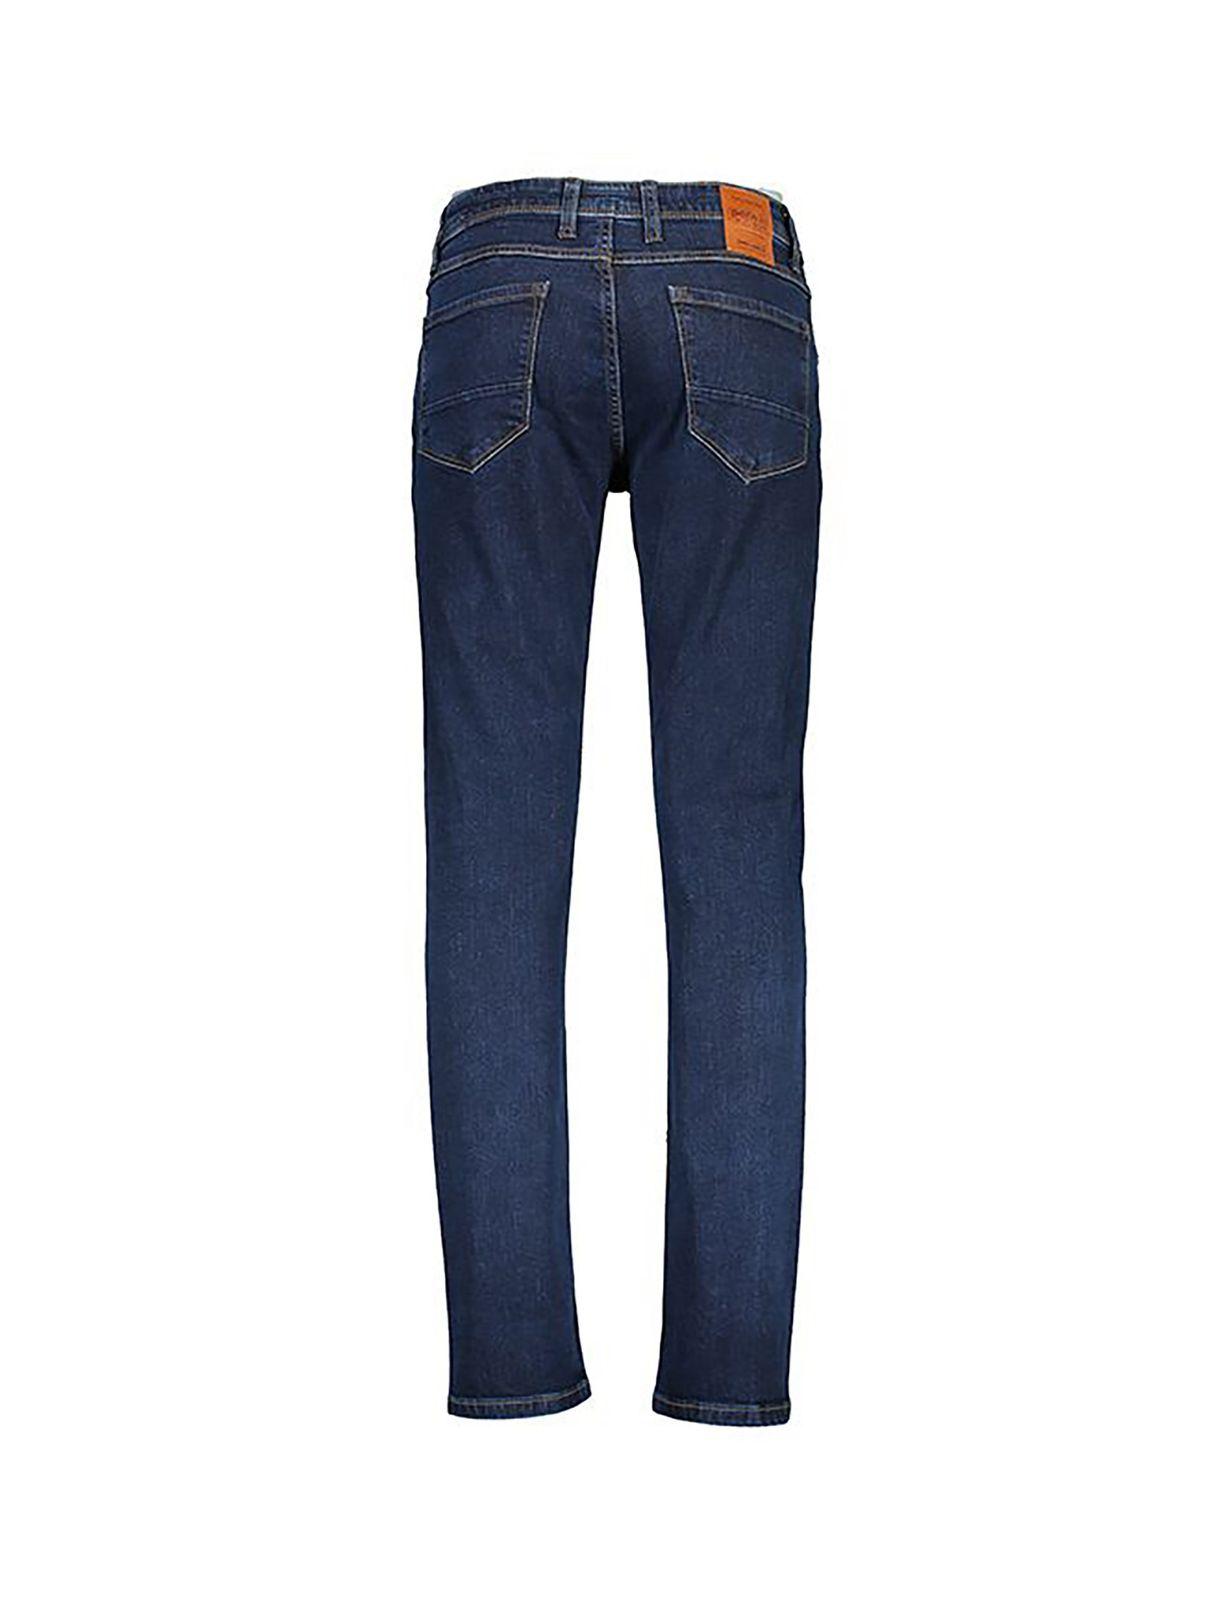 شلوار جین راسته مردانه - پاتن جامه main 1 2